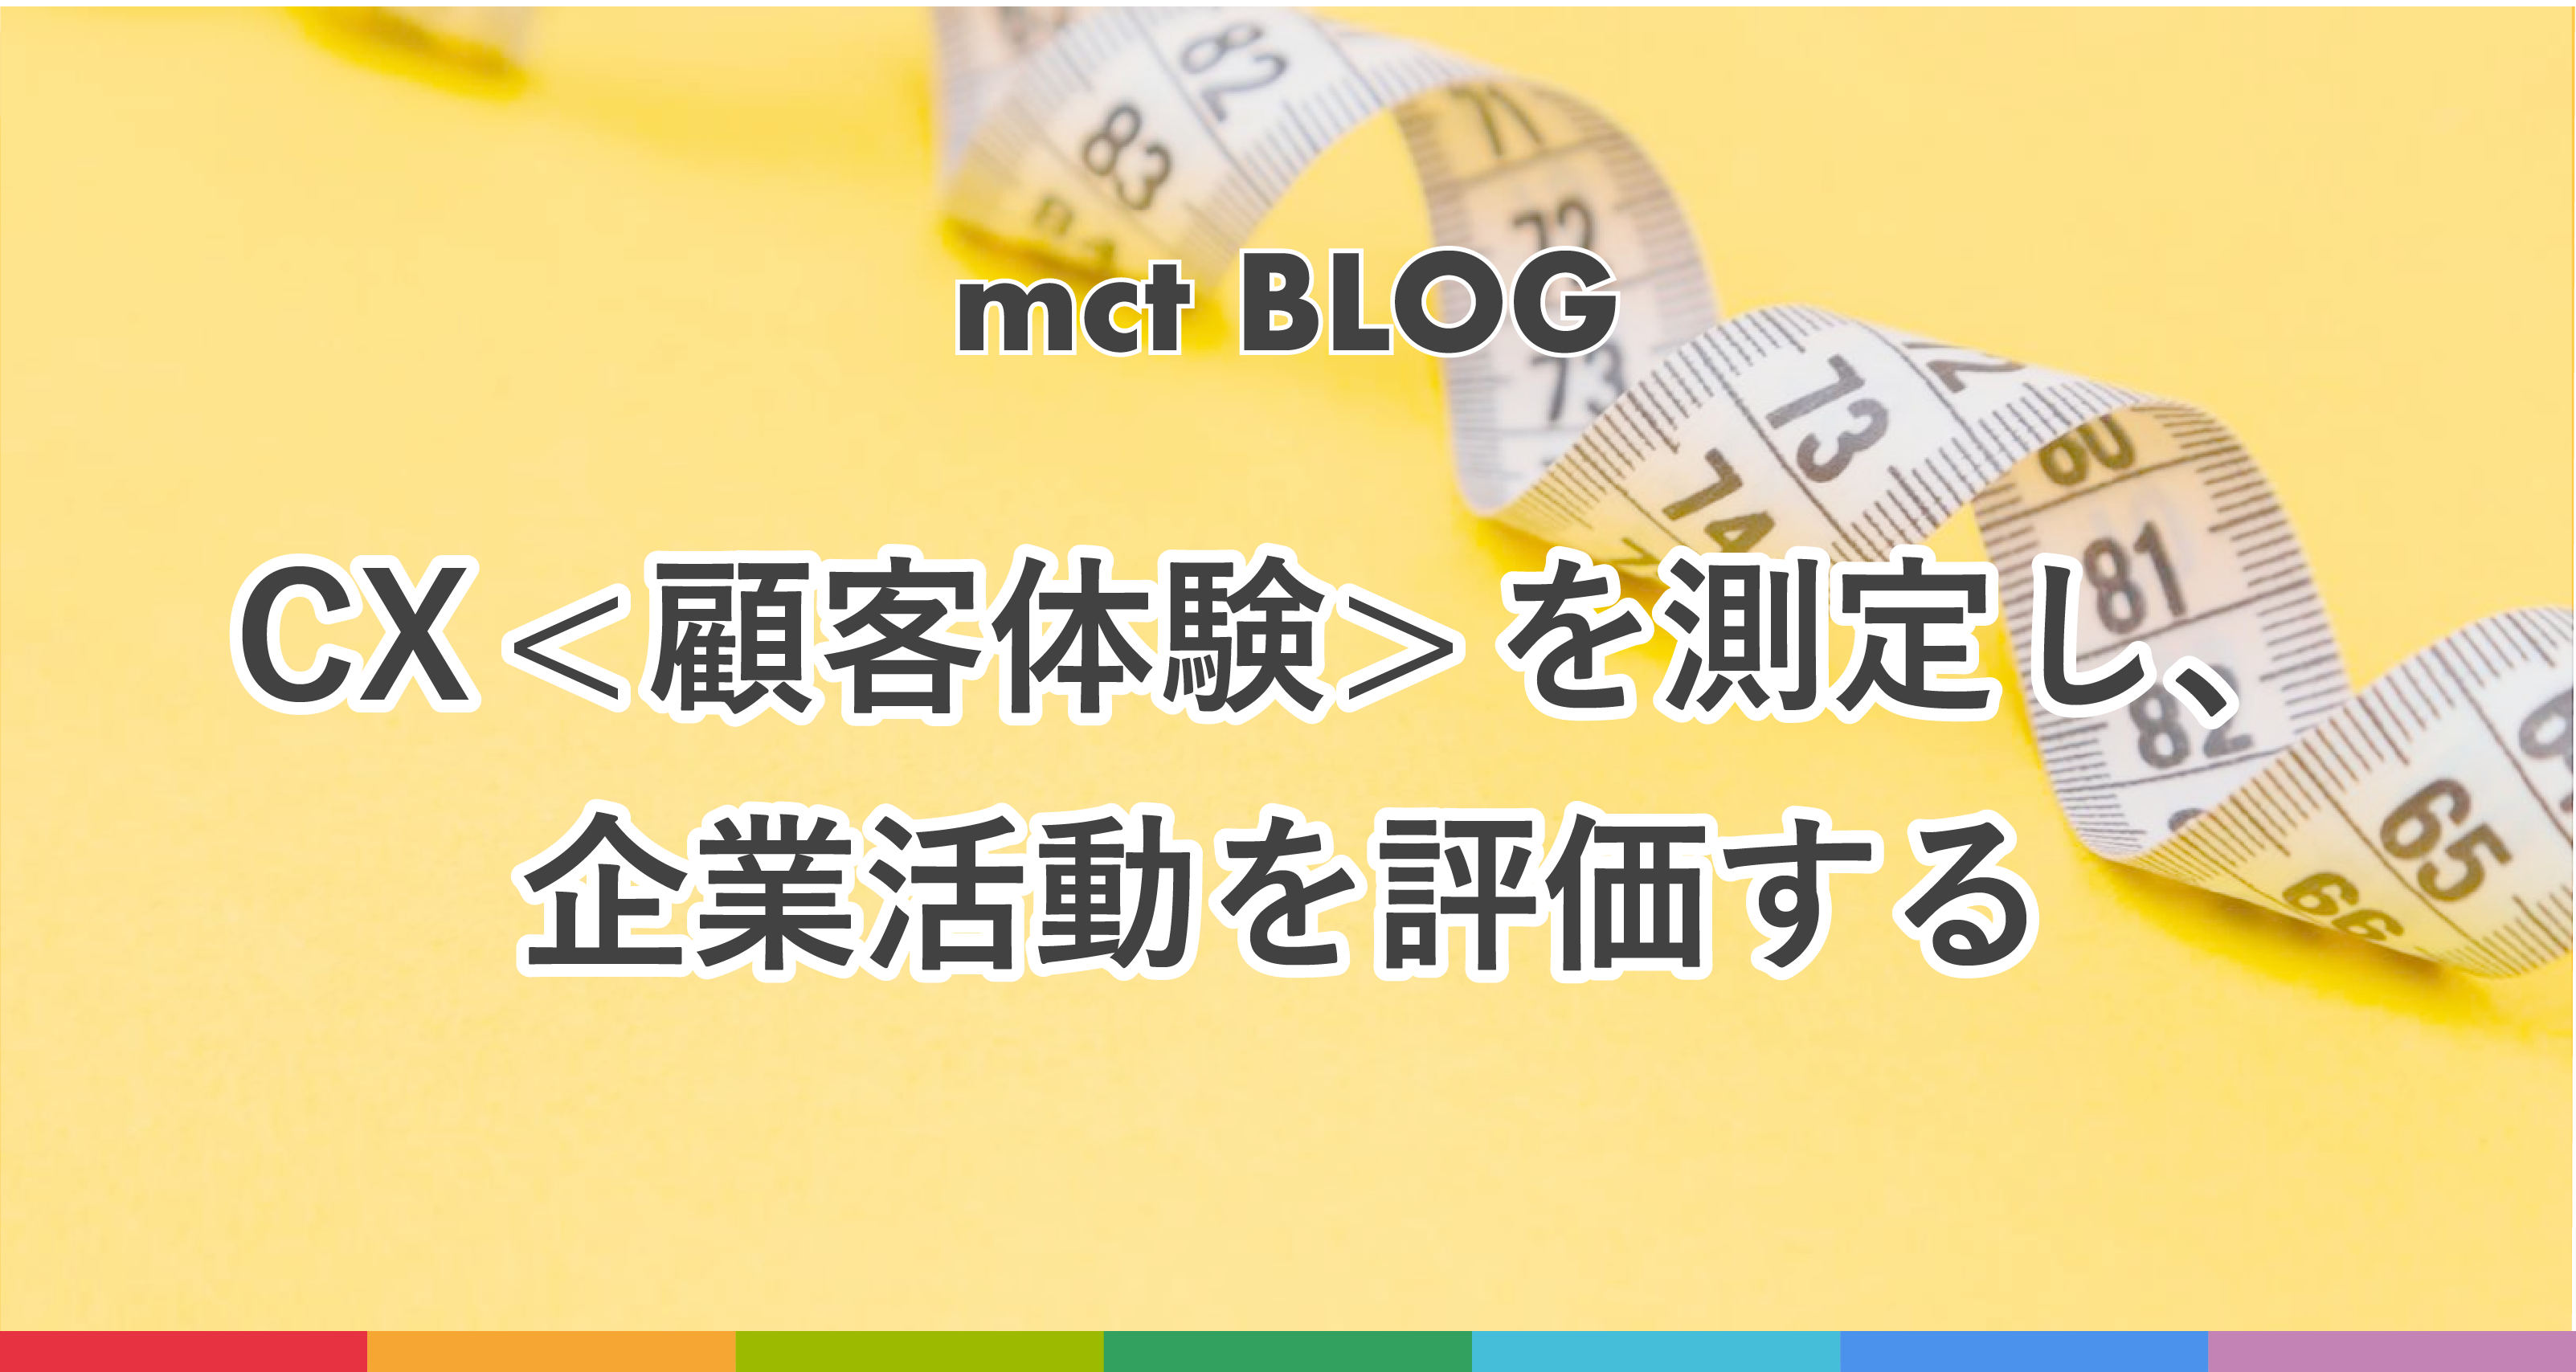 Blog|CXを測定し、企業活動を評価する